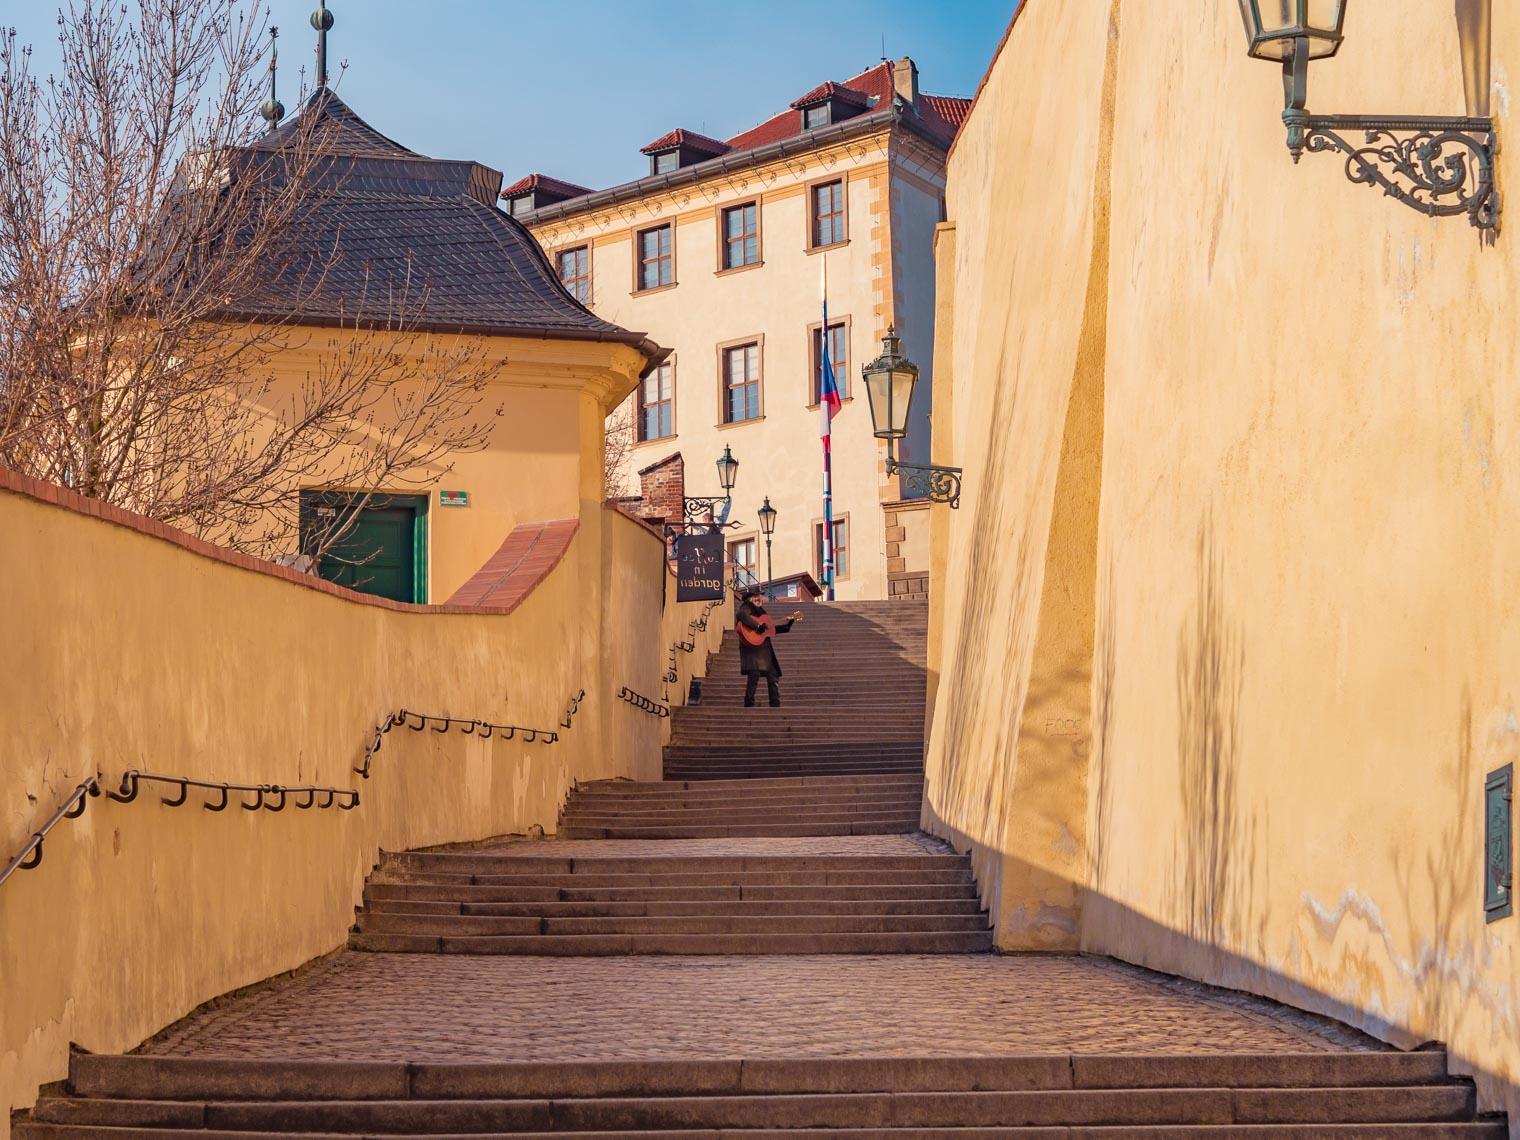 Zamecke schody Prague sightseeing walk to Prague castle